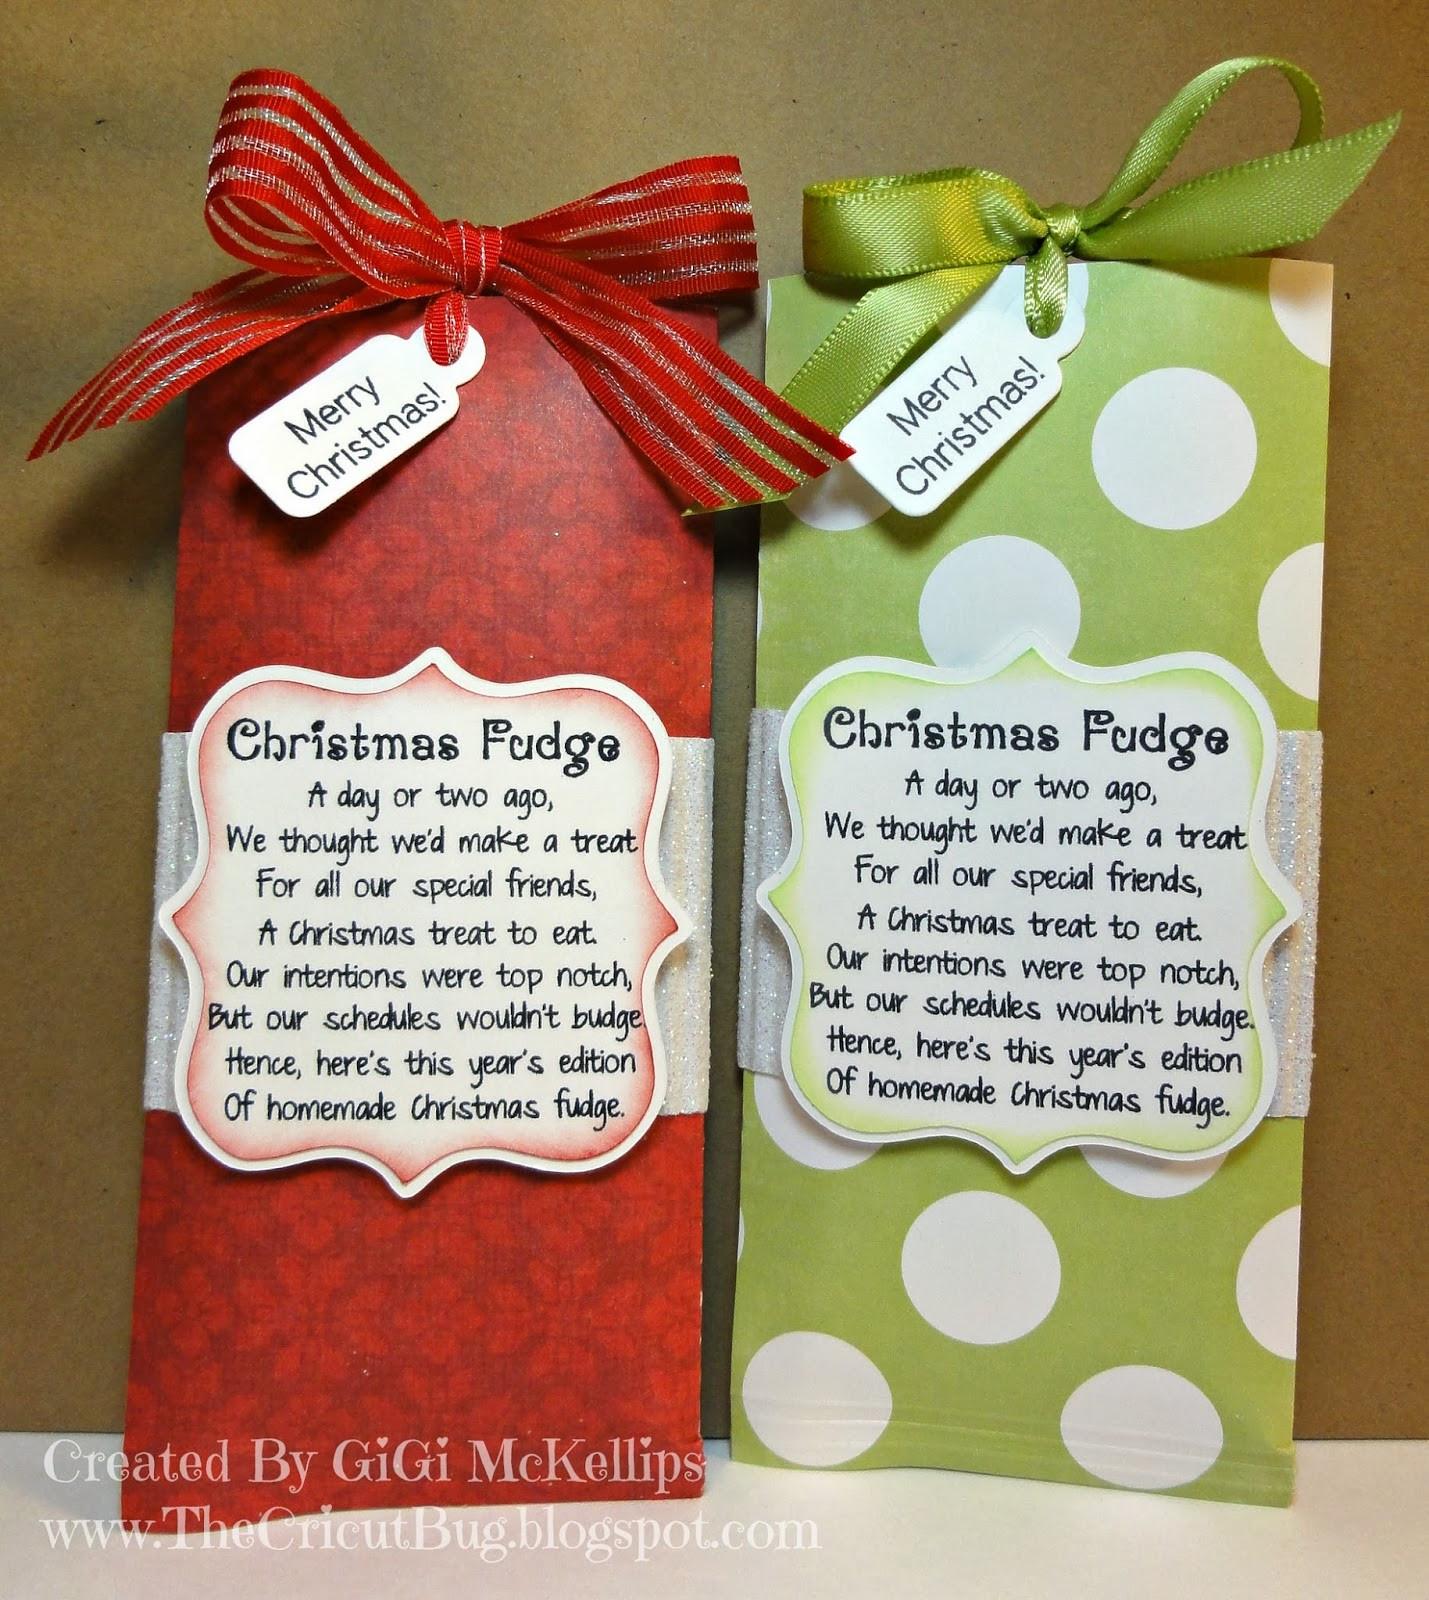 Christmas Candy Poems  The Cricut Bug Christmas Fudge